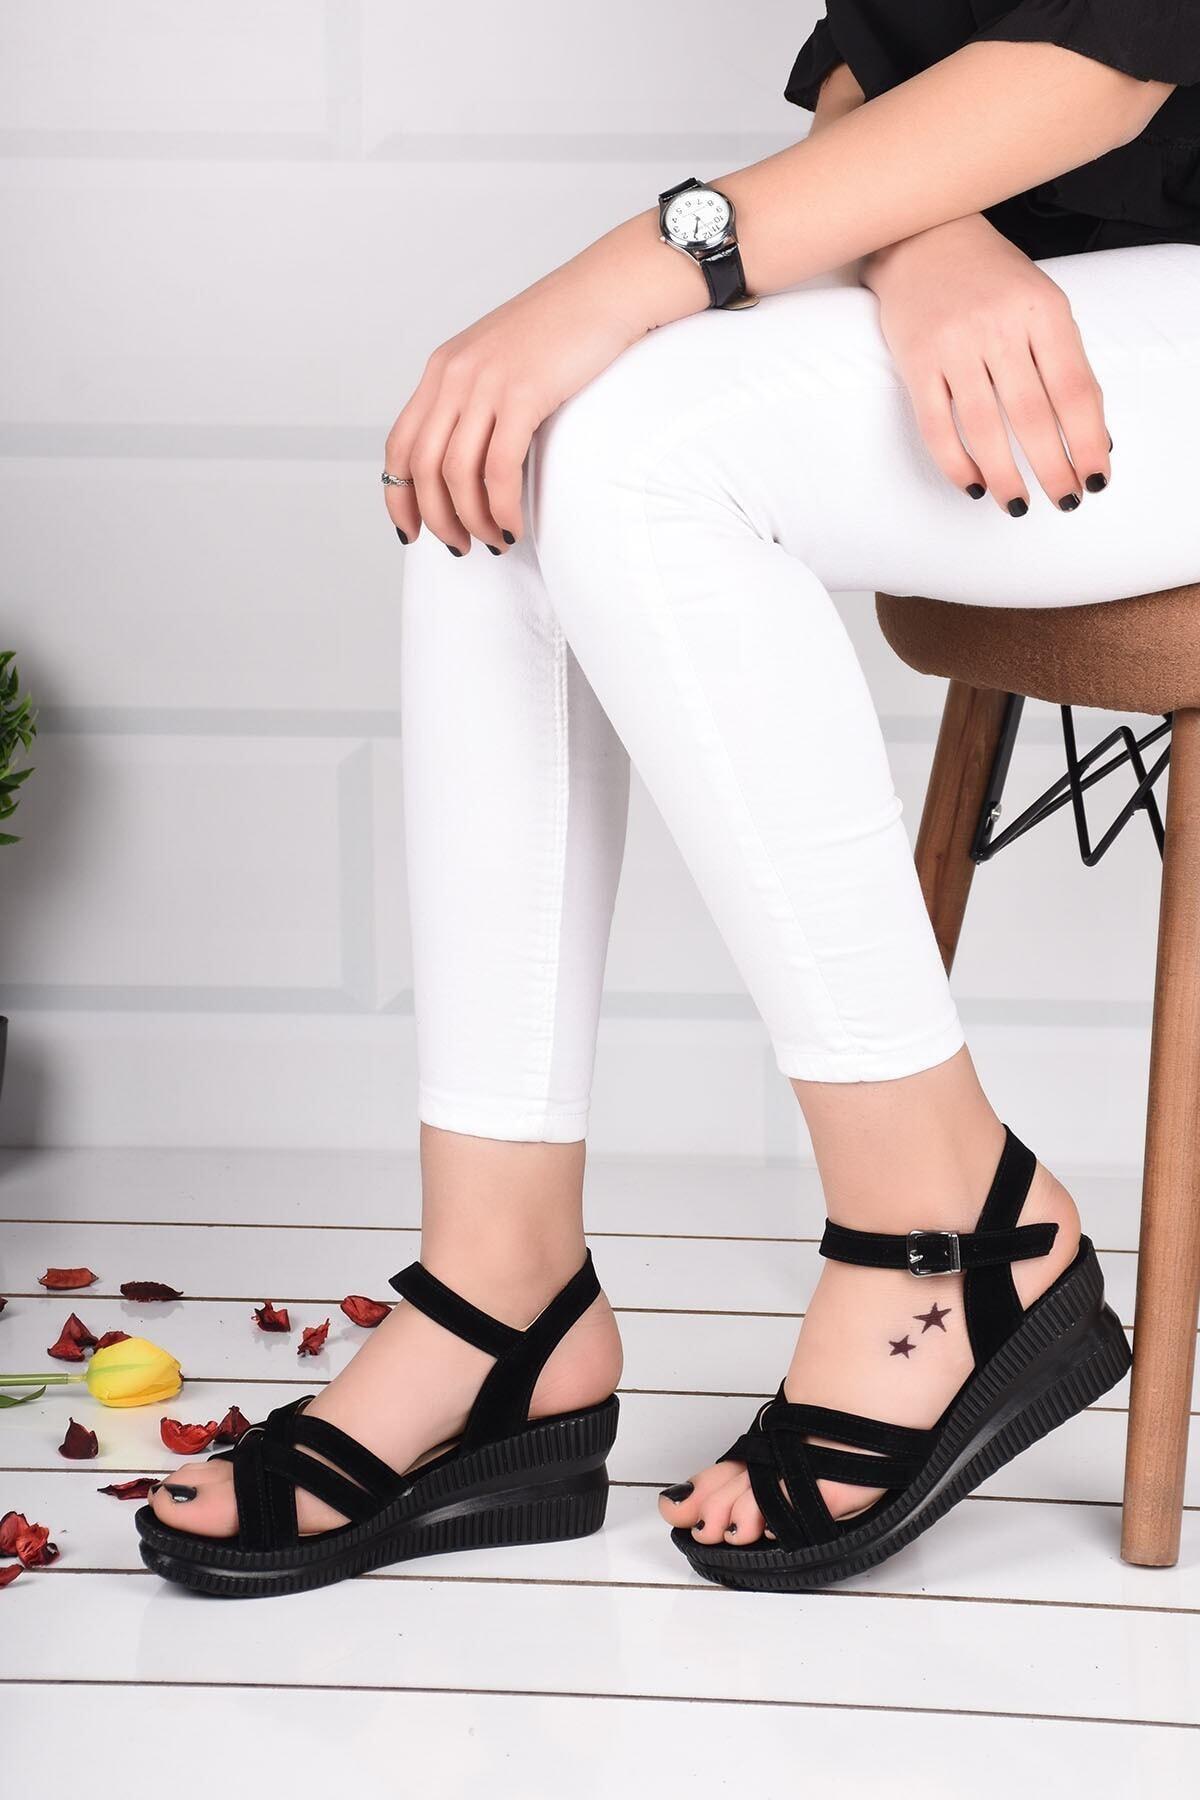 mihra home Kadın Topuklu Sandalet Terlik Siyah Süet Bilekten Bağlamalı 1